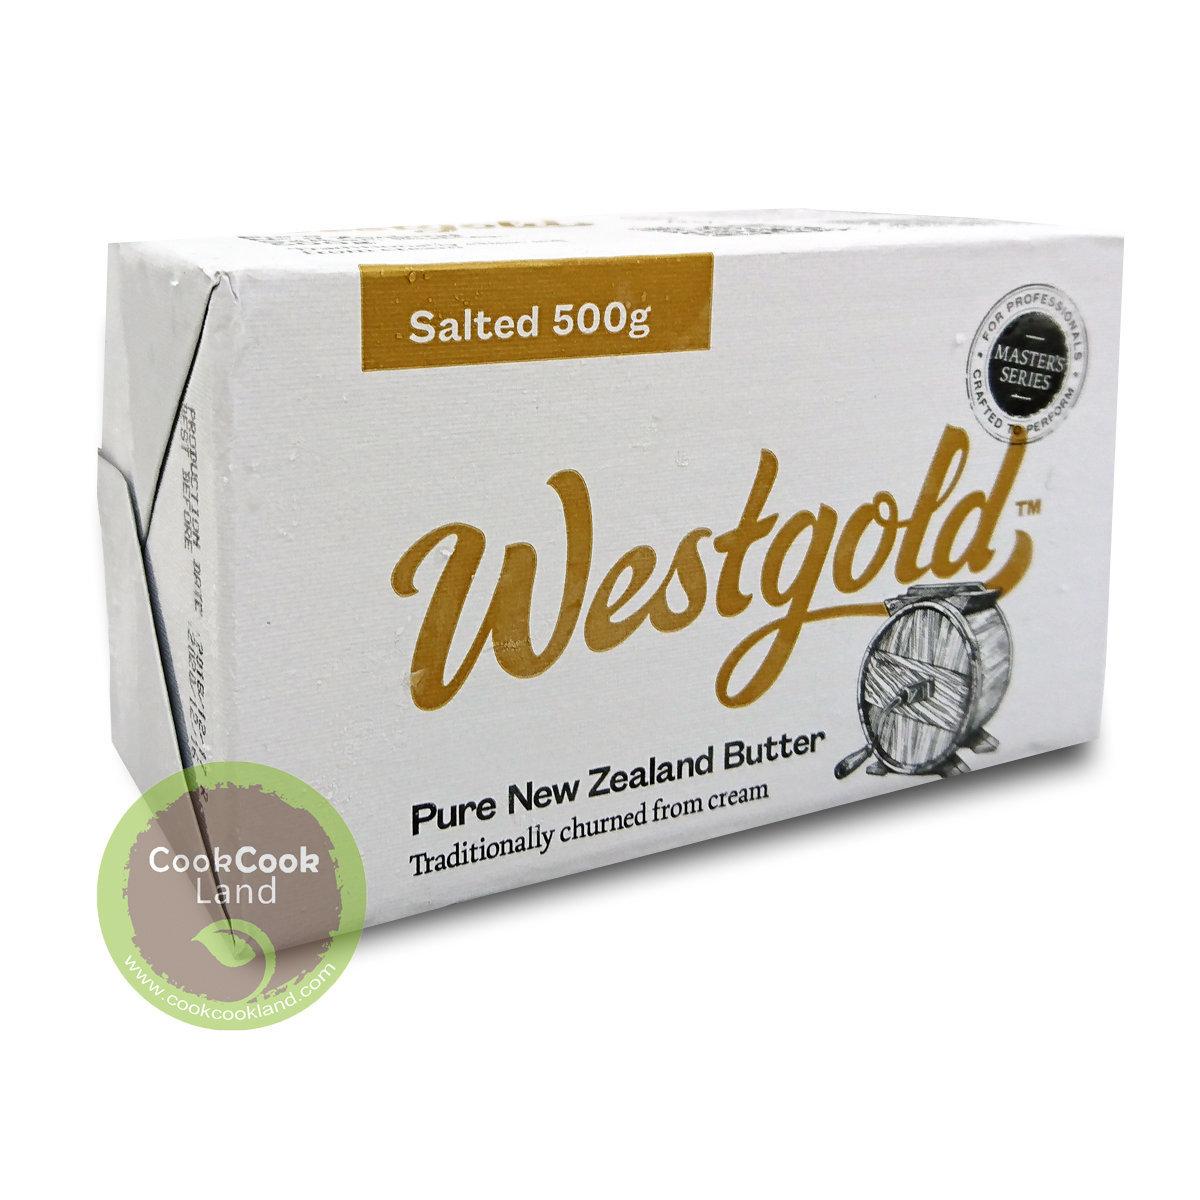 紐西蘭牛油,有鹽 500g